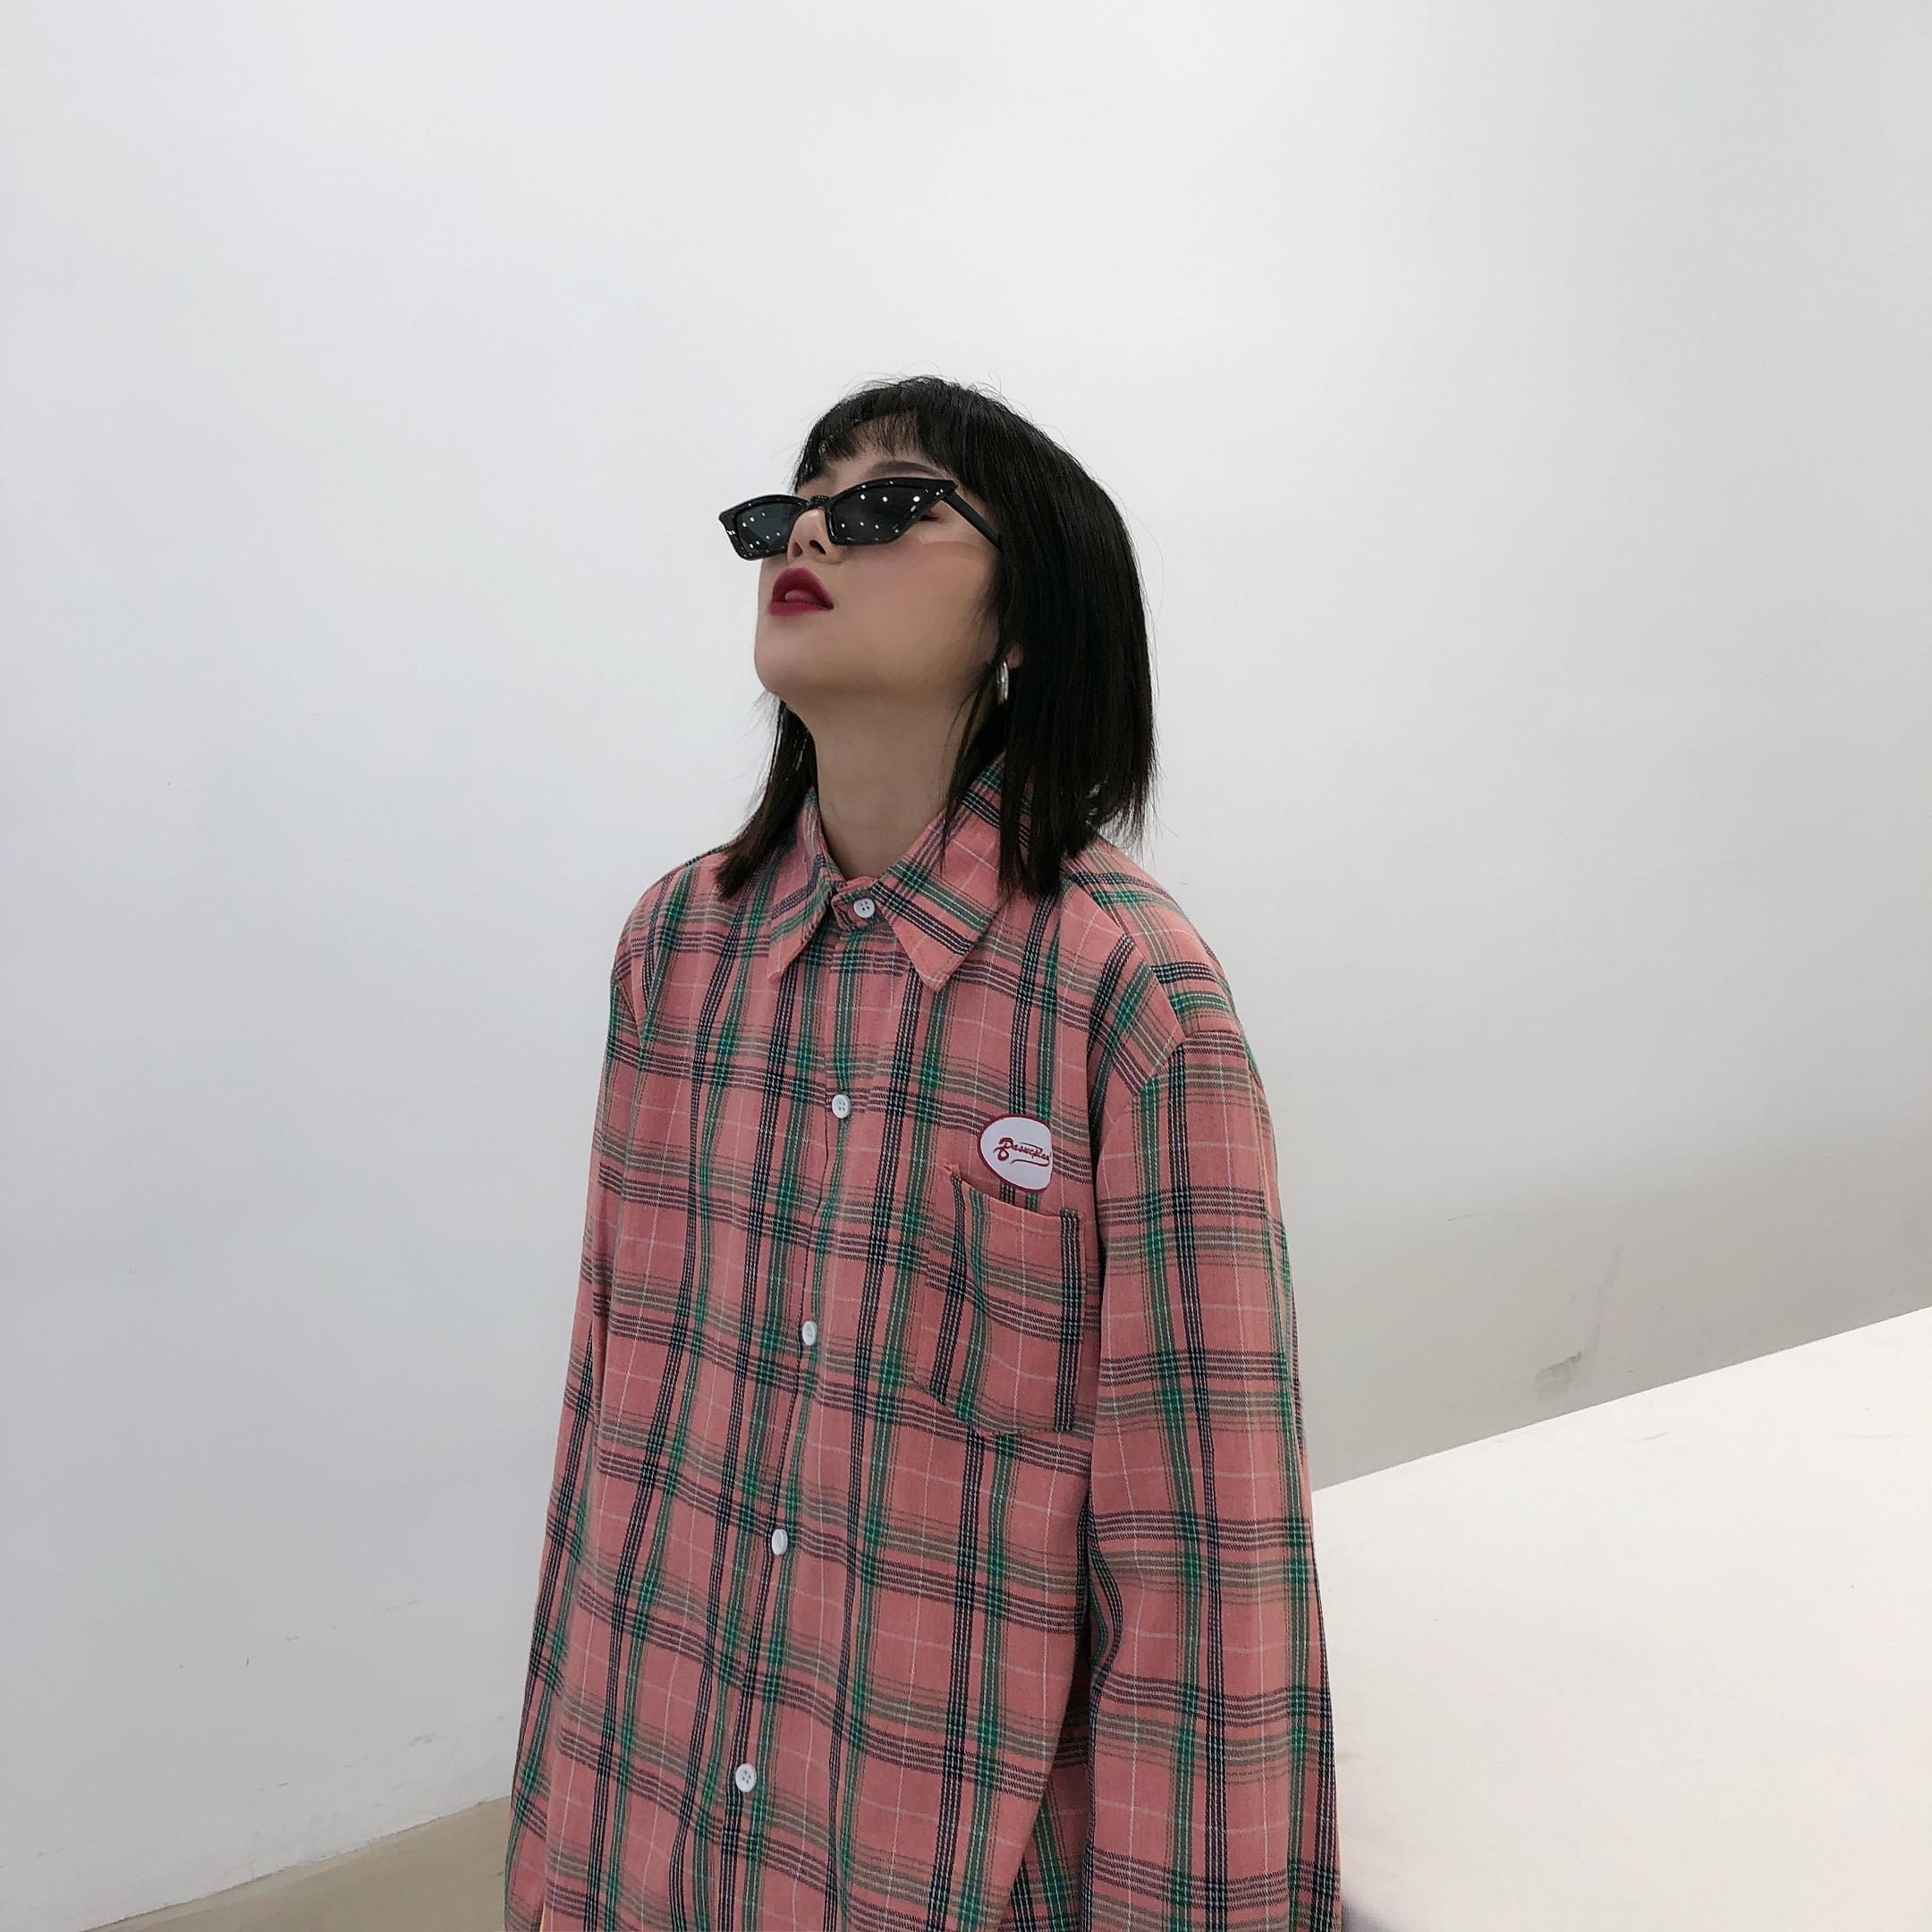 衬衫 chic秋美伢bf潮牌港风情侣长袖衬衣男友风复古宽松粉色格子衬衫女_推荐淘宝好看的女衬衫